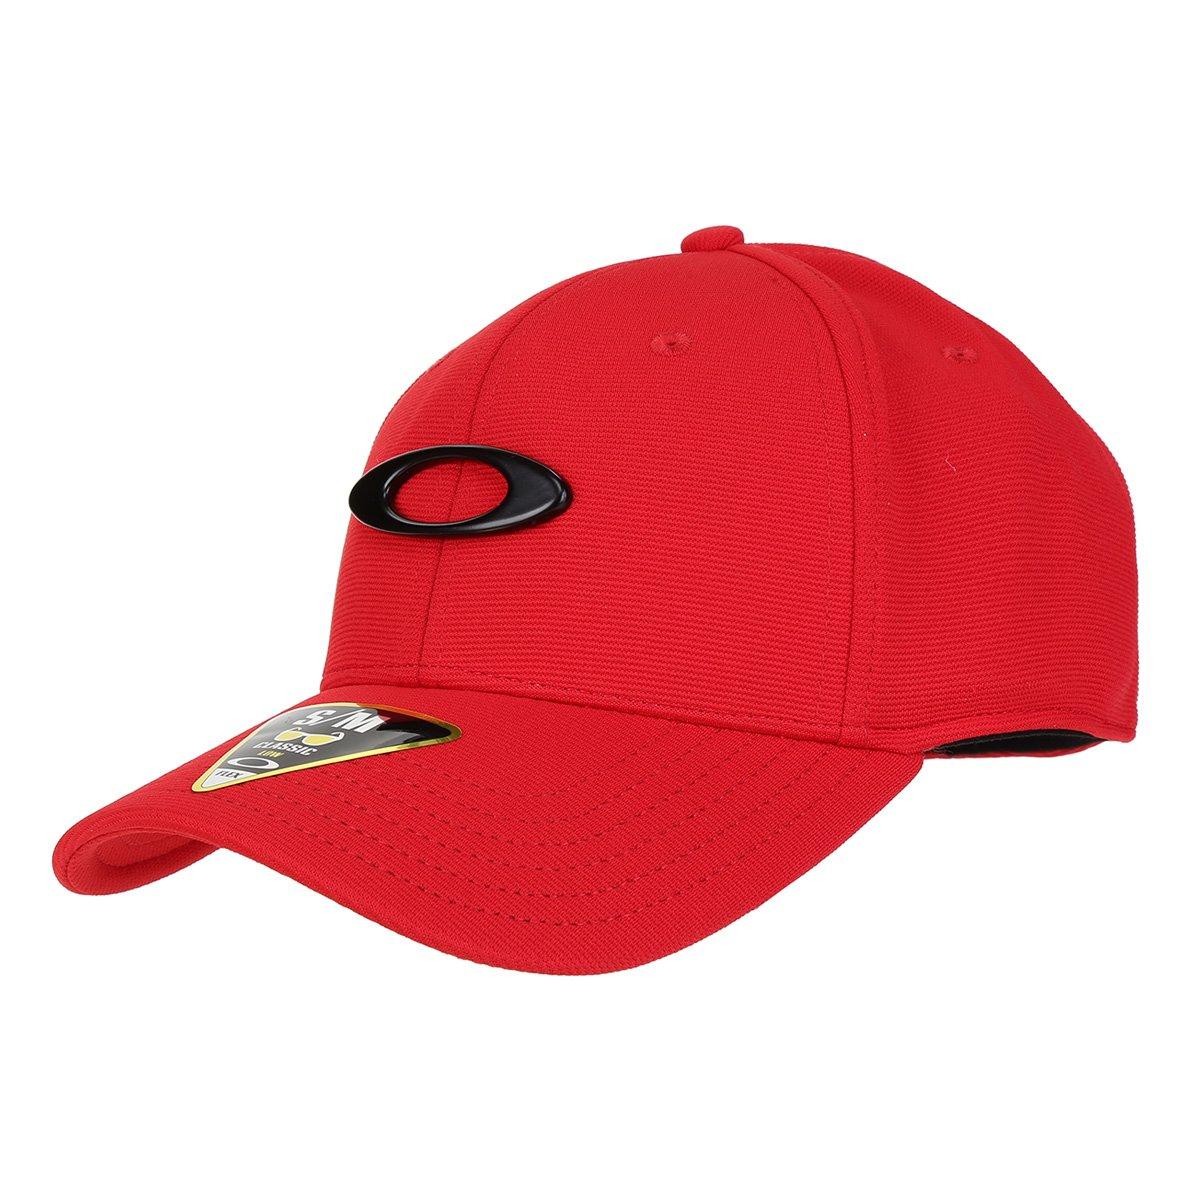 Boné Oakley Aba Curva Tincan Masculino - Vermelho e Preto - Compre Agora  8ca3cc49718